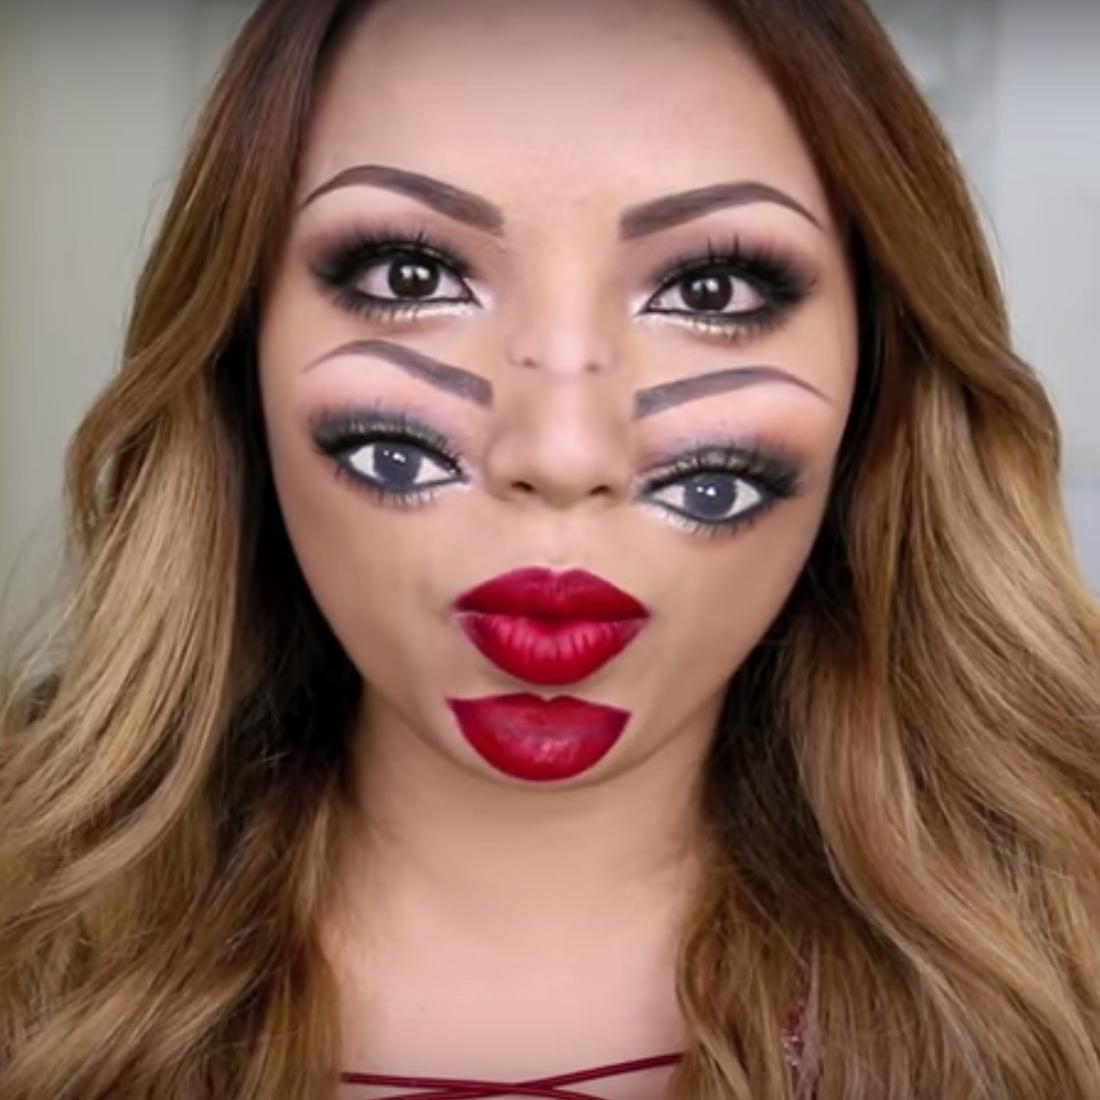 10 Fashionable Face Makeup Ideas For Halloween 64 halloween makeup ideas inspirationseek 2021